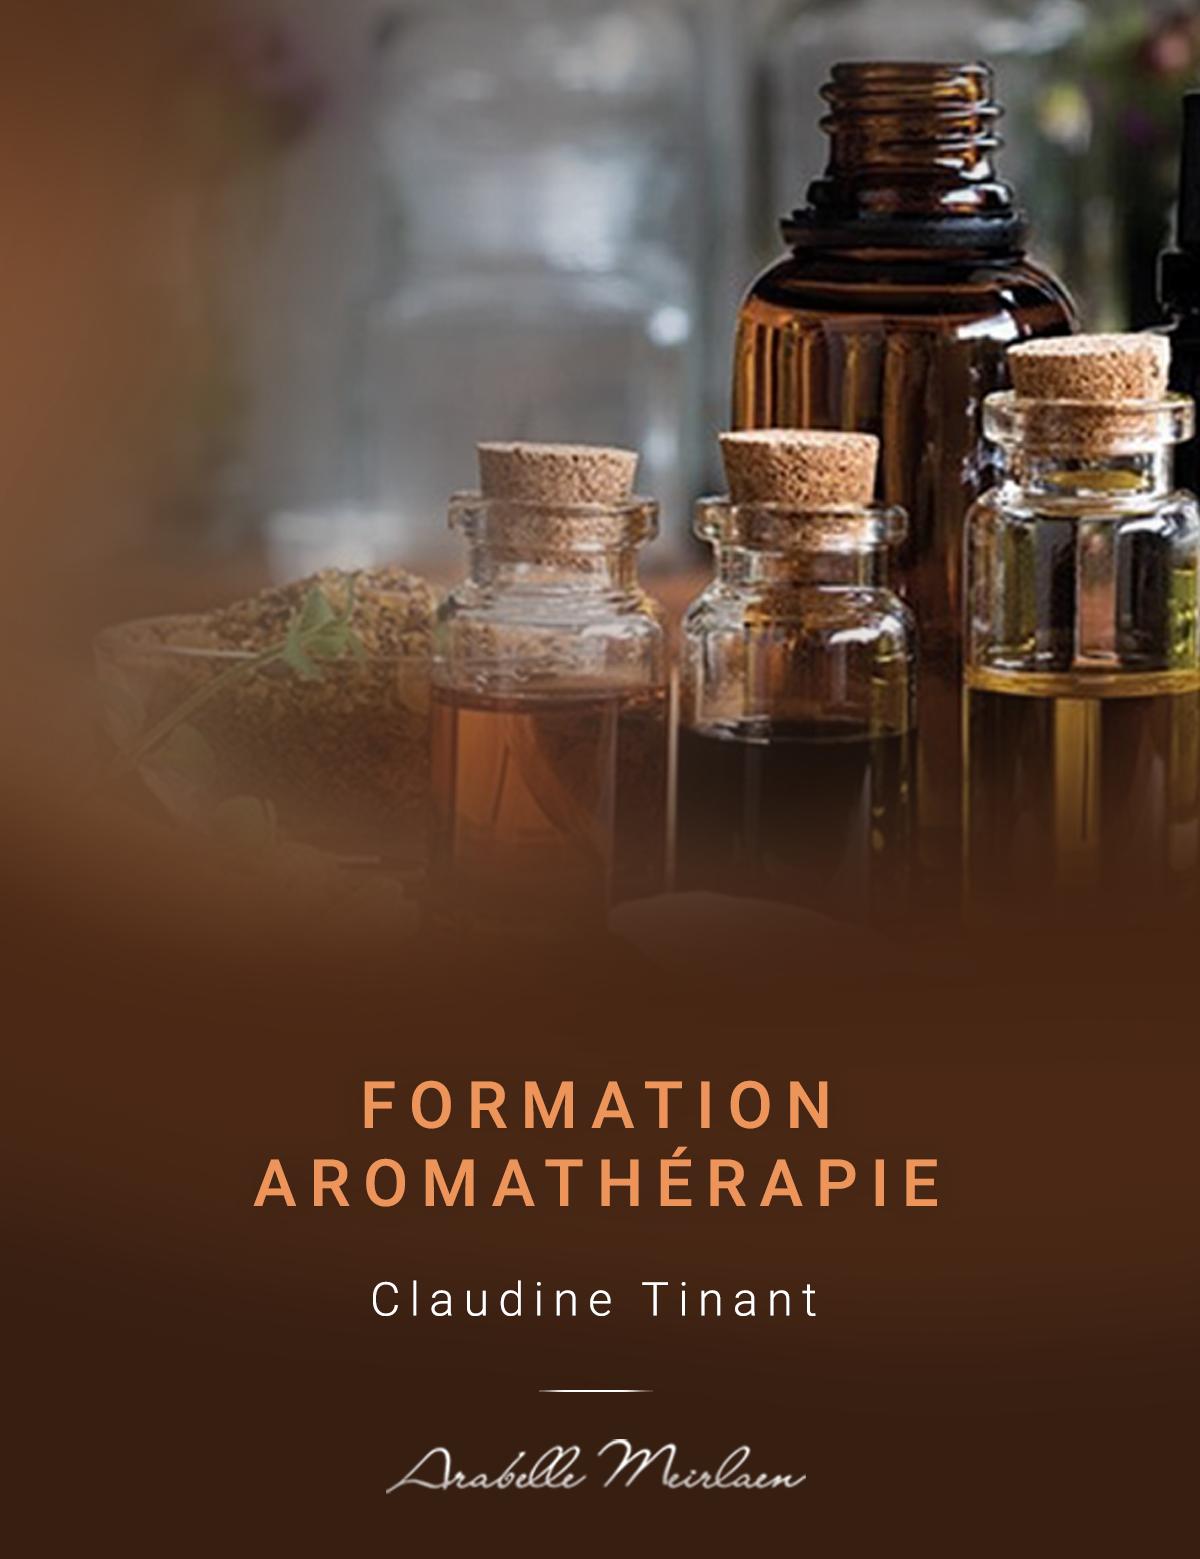 Formation aromathérapie & fleurs de bach vignette